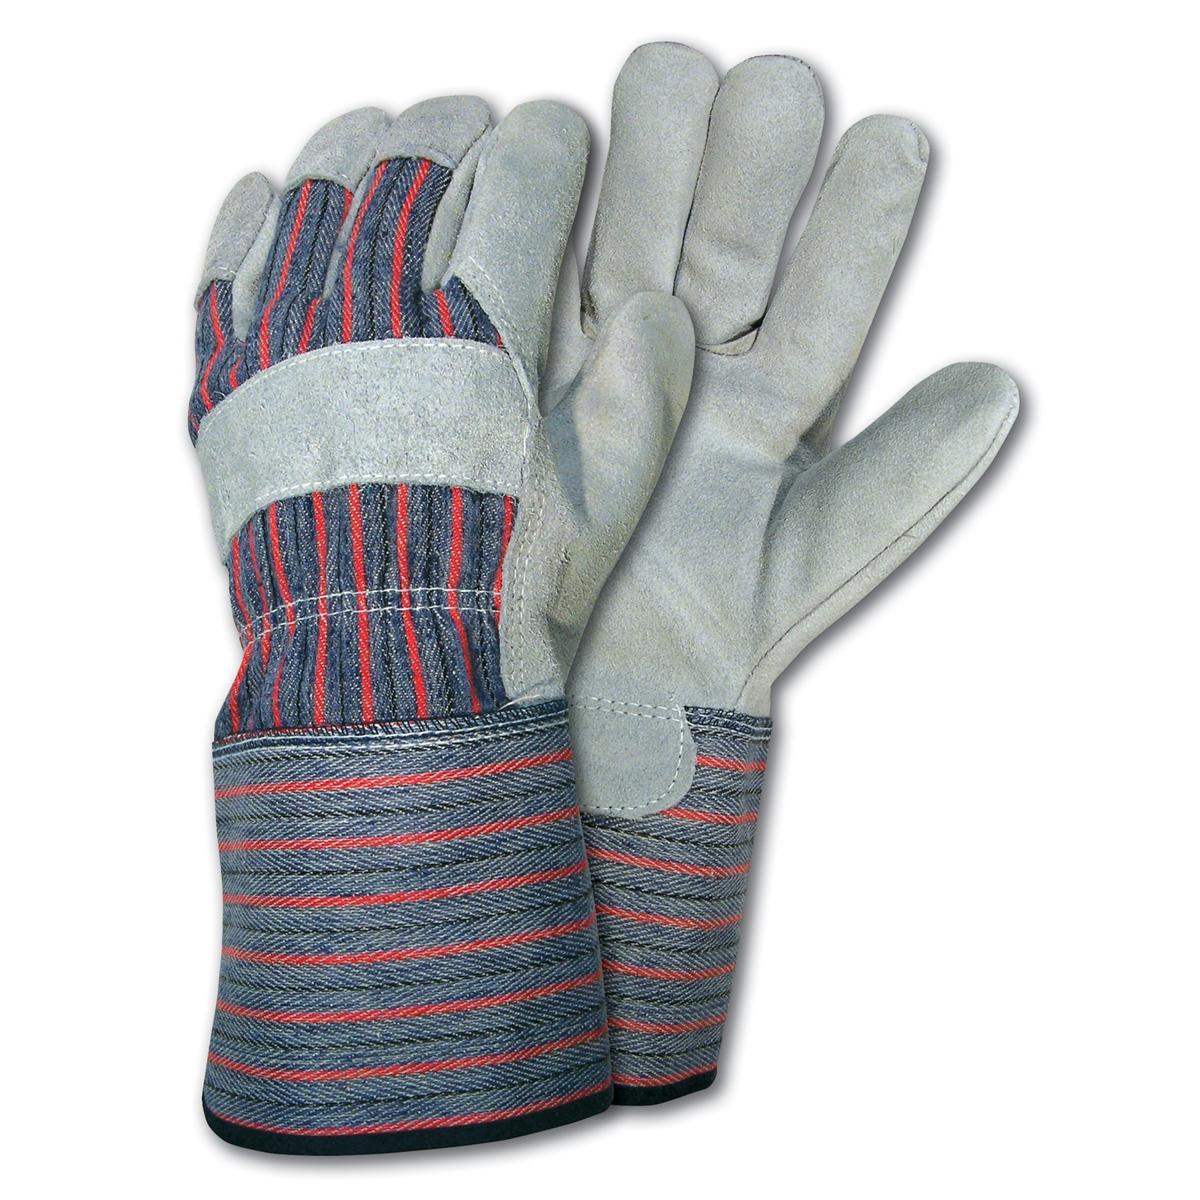 Gauntlet cuff leather work gloves - Memphis 1310 Xl Leather Palm Work Glove Gunn Pattern 4 1 2 Gauntlet Cuff